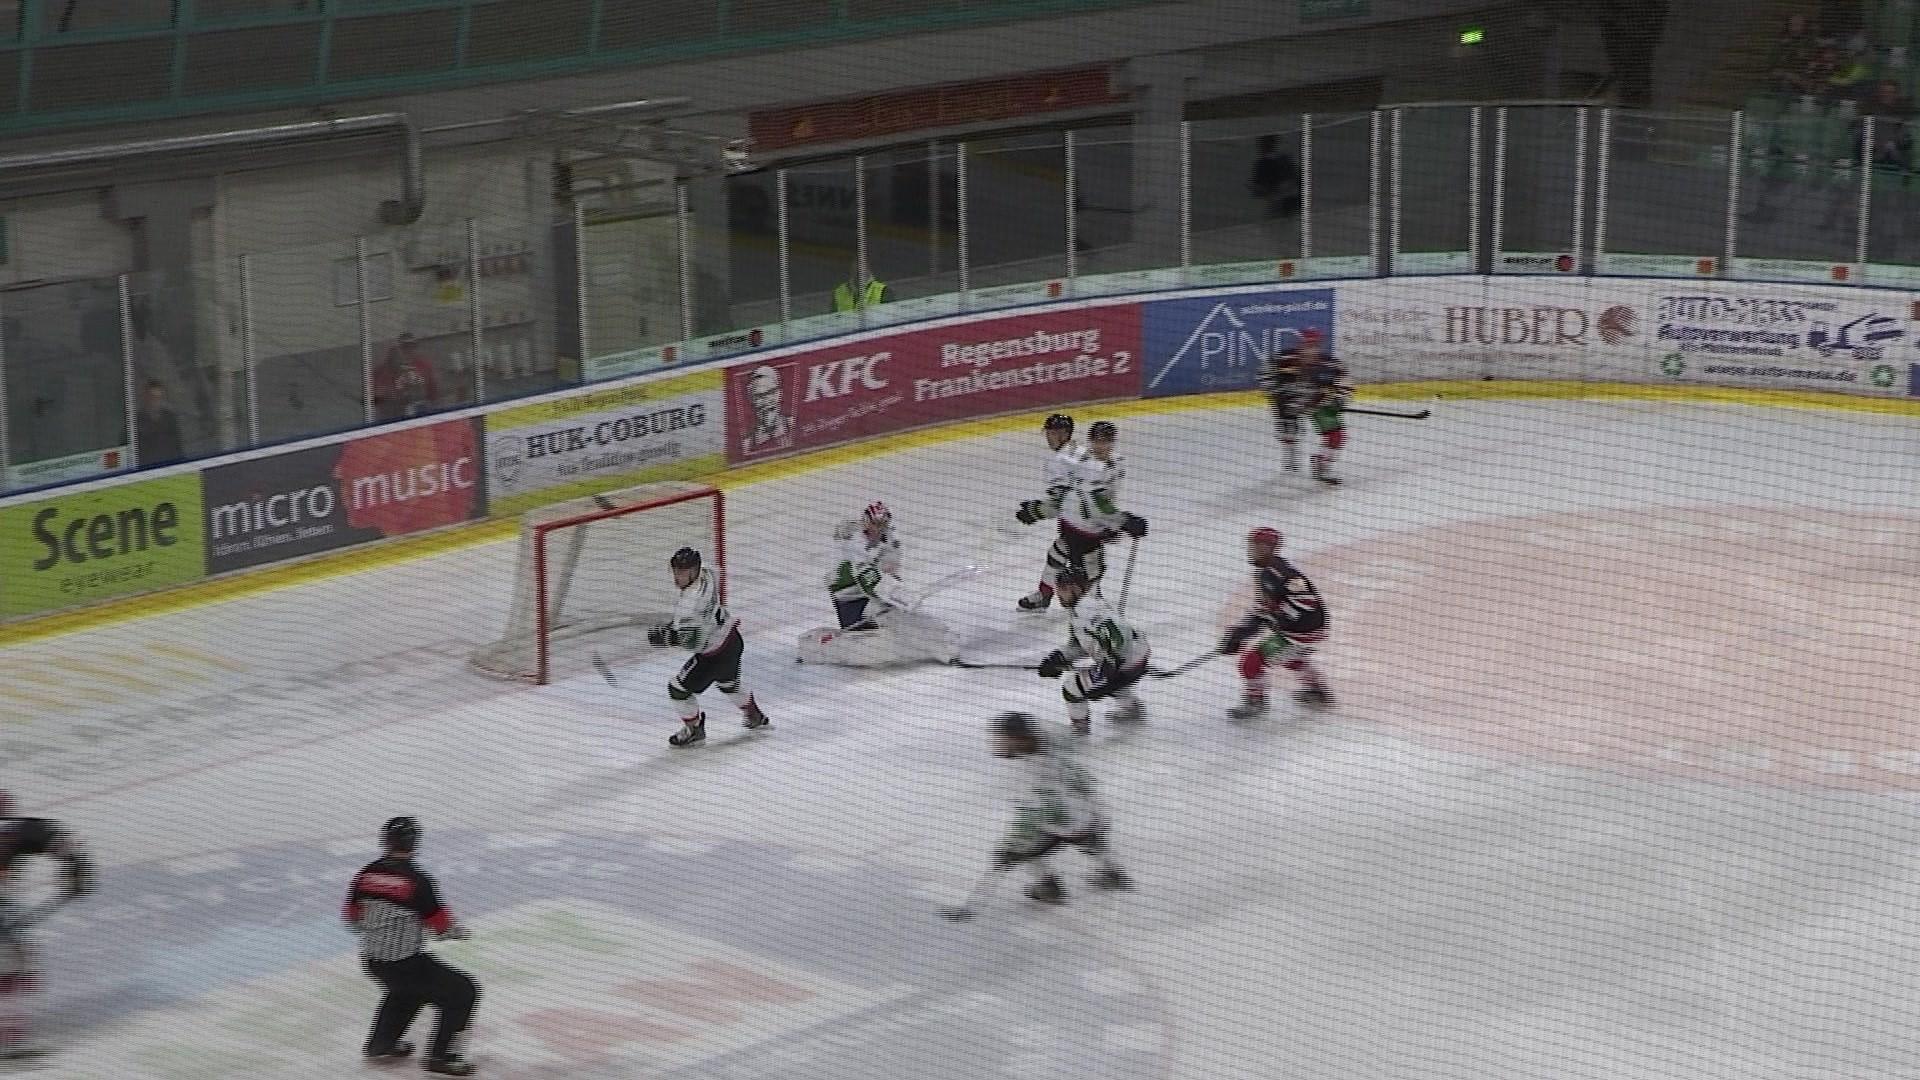 Eisbaren Regensburg Verlieren Erstes Playoff Spiel Tva